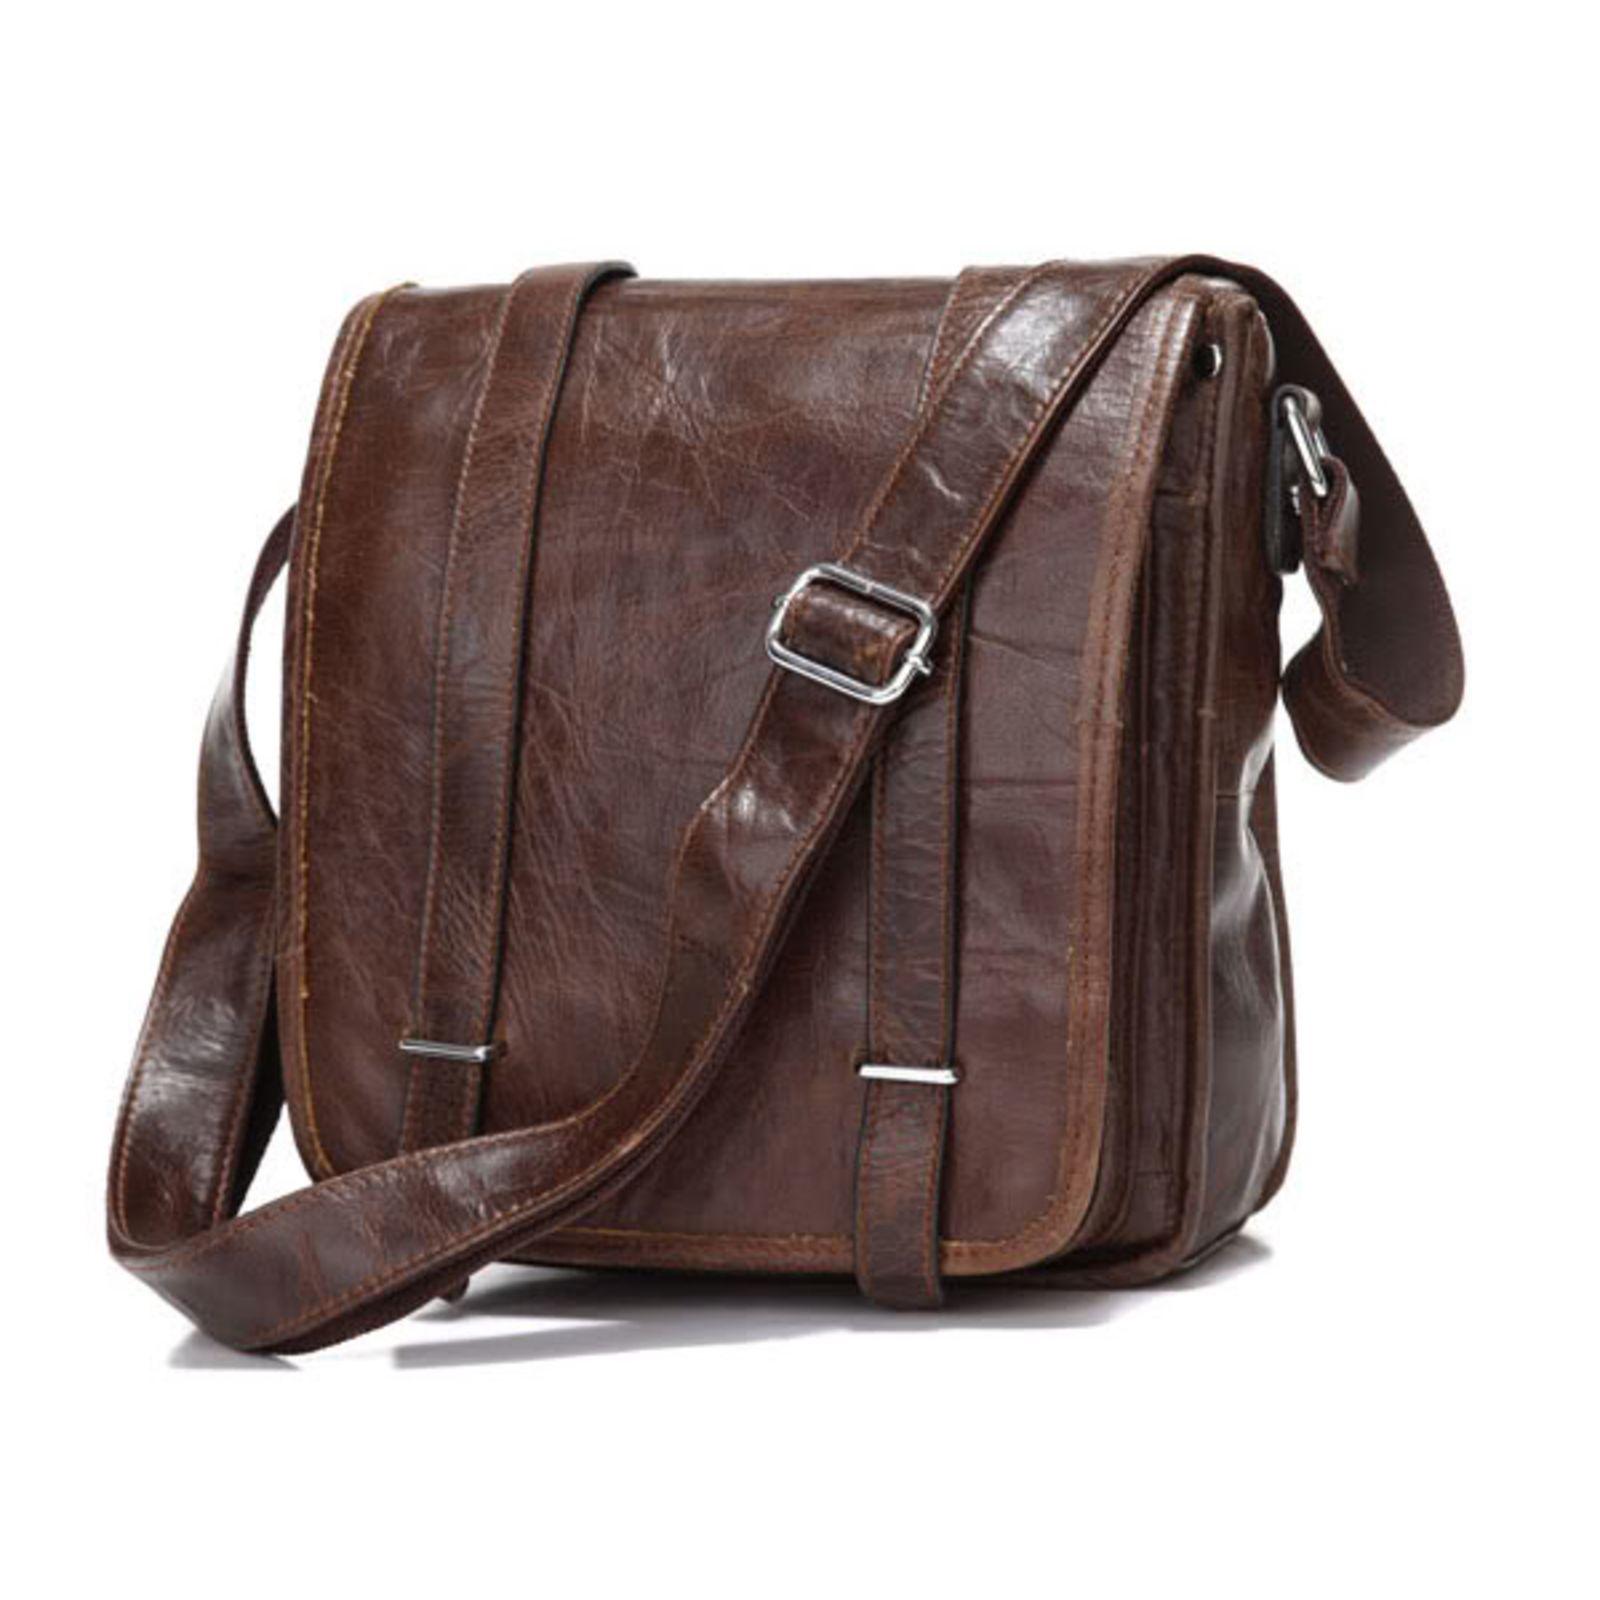 Brown Tenor Multi-Purpose Leather Case Delton Bags